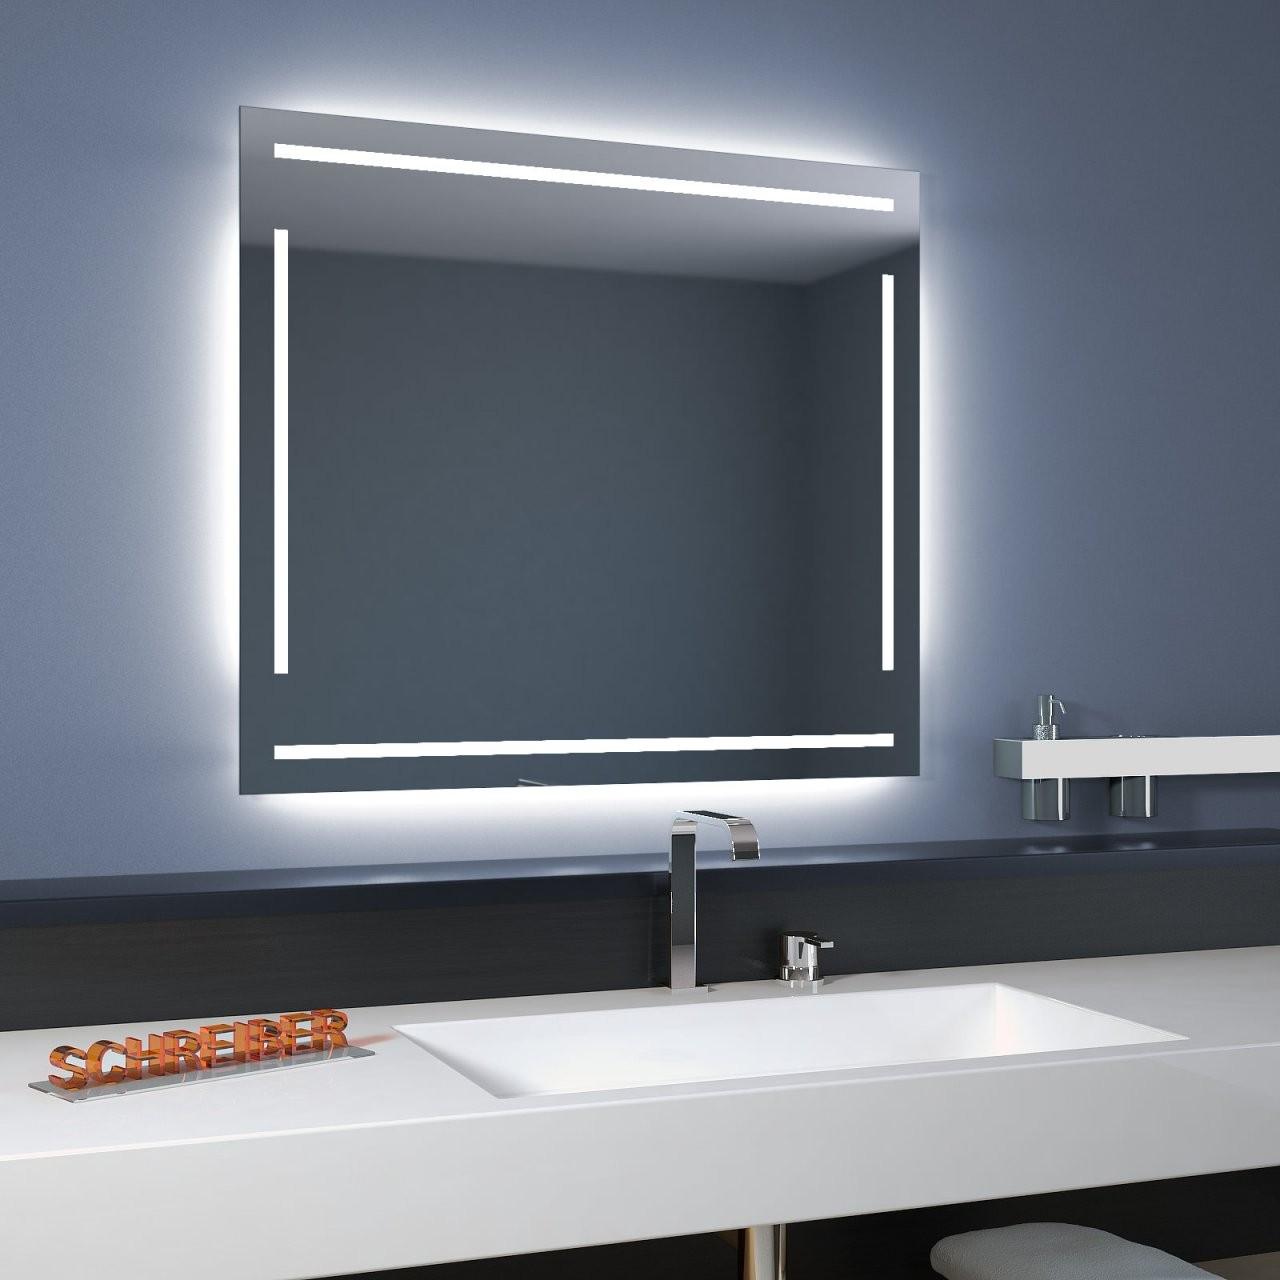 Badspiegel Linea Led 4S  Moderne Led Lampen von Led Spiegel Mit Steckdose Bild